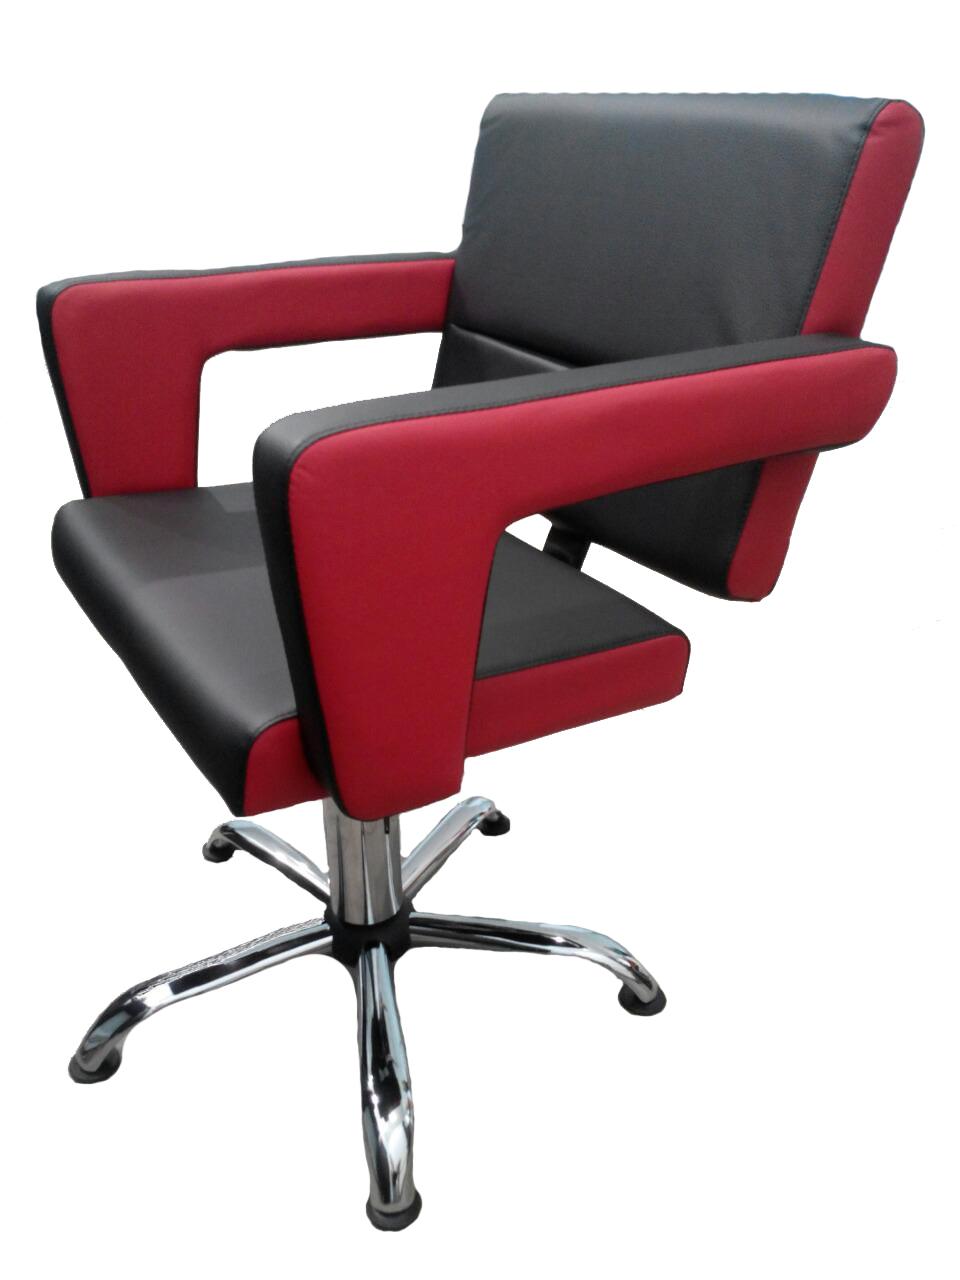 Купить Парикмахерская мебель Mebel Studio, Парикмахерское кресло Mebel Studio Flamingo